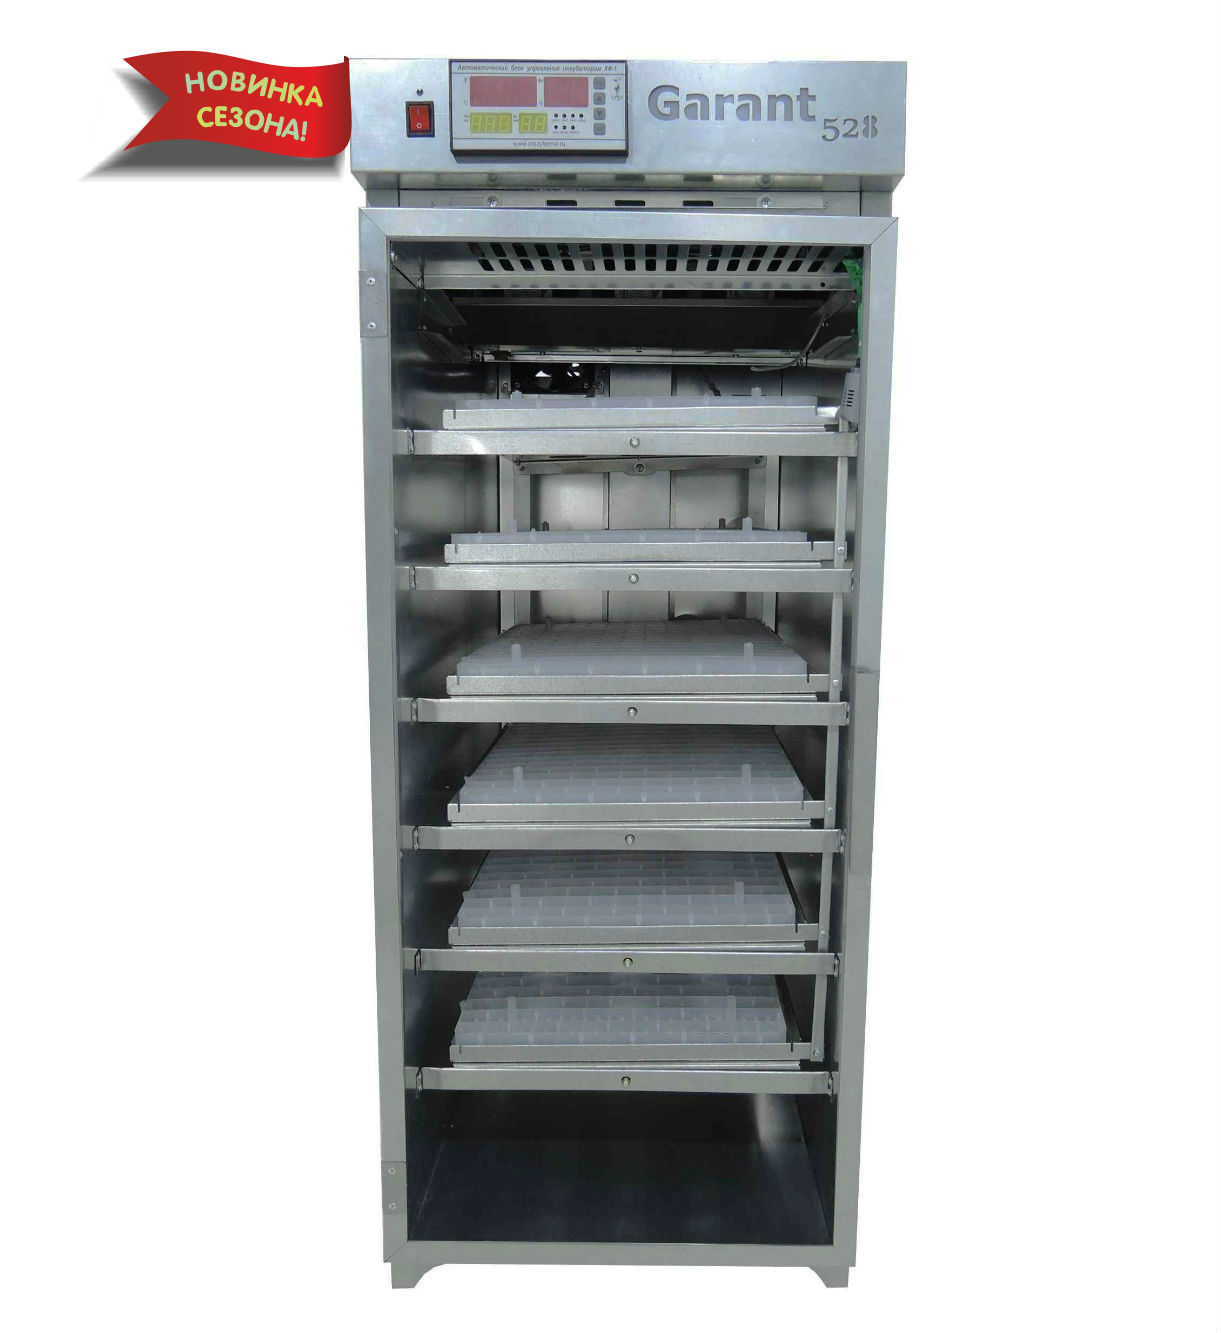 Клетки Профи 1 - Инкубатор Гарант-528 Стандарт.